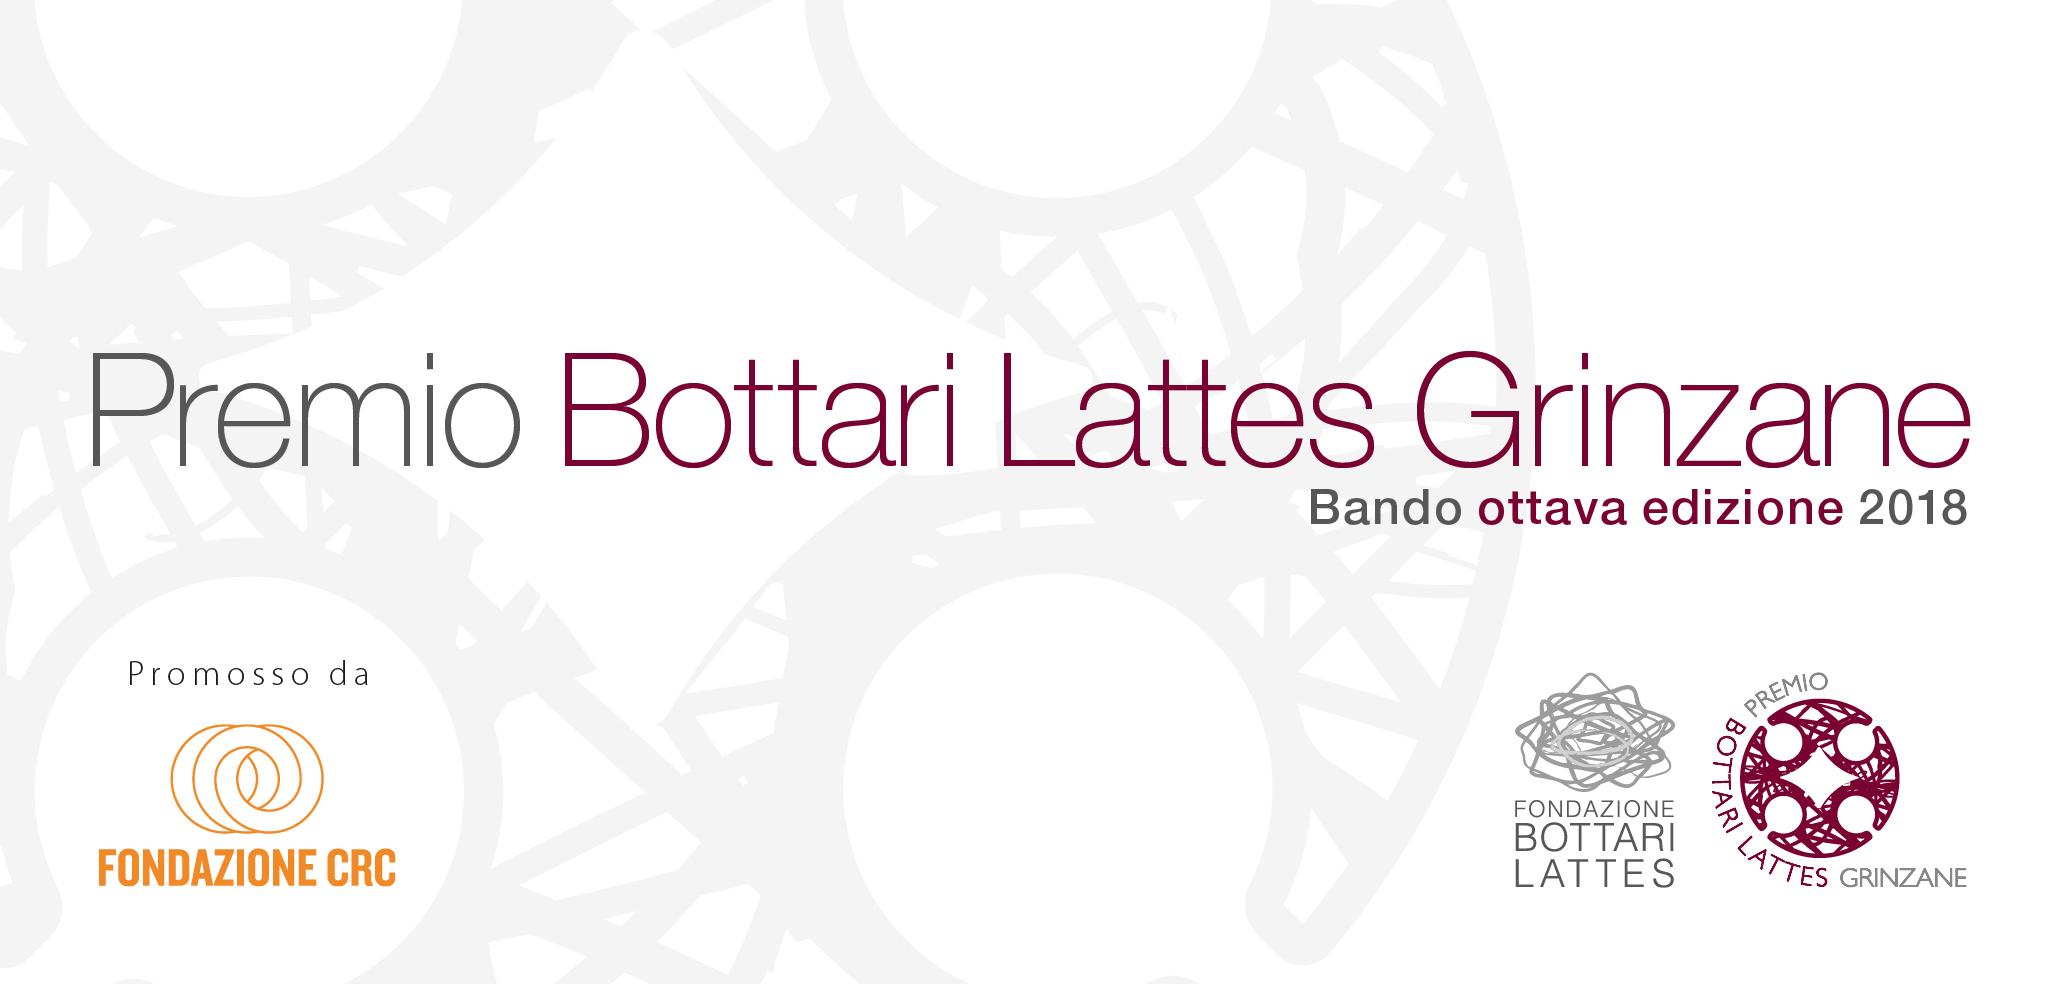 Aperto il bando 2018 del Premio Bottari Lattes Grinzane